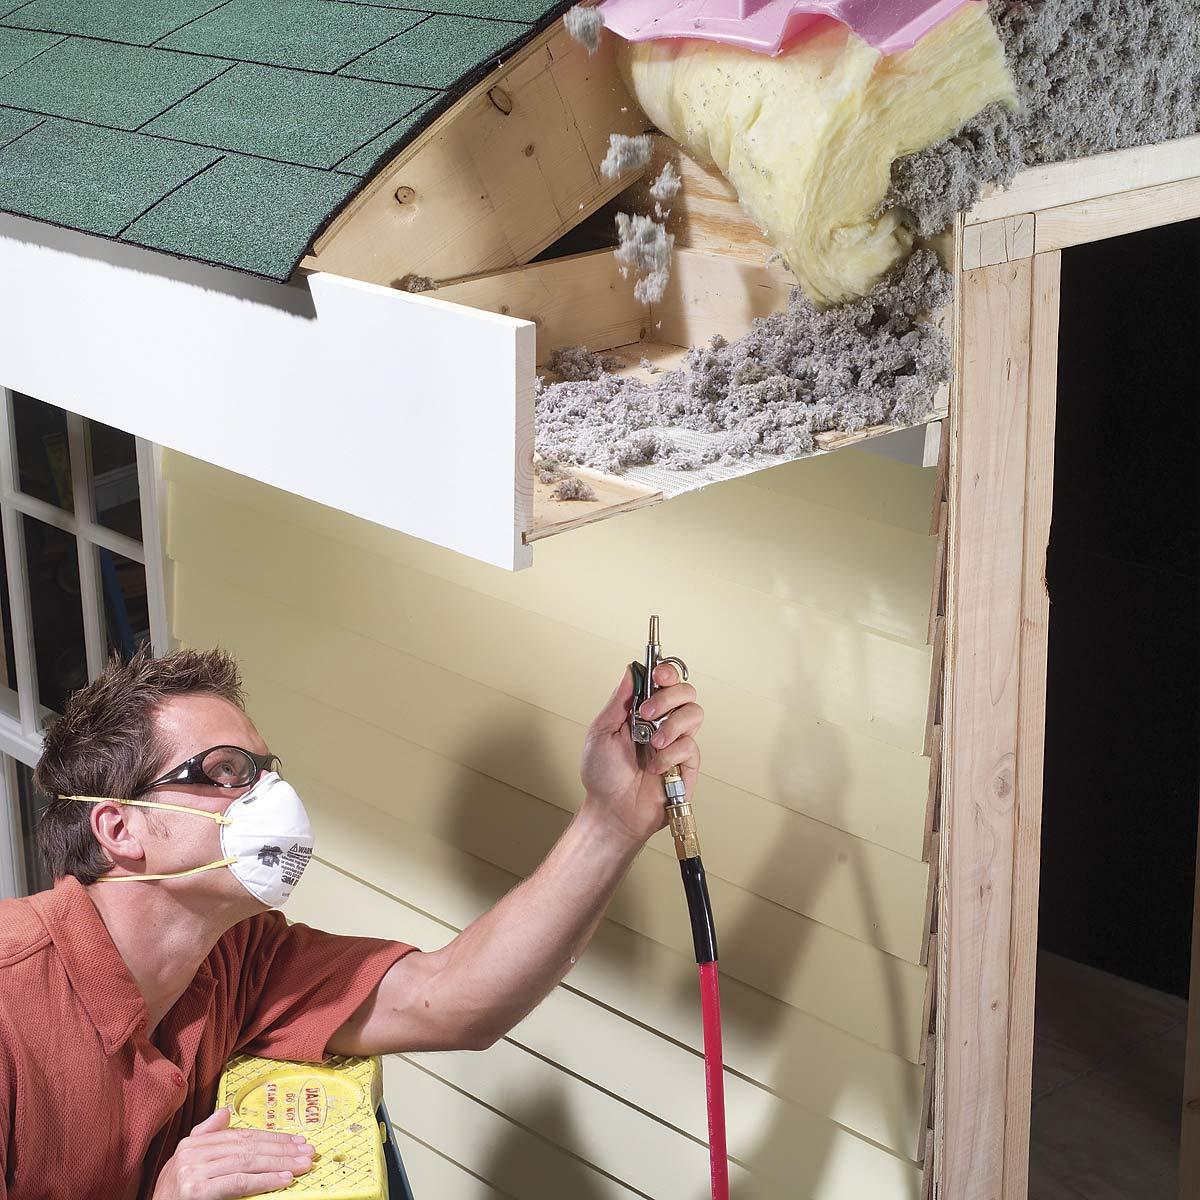 Необходима чистка вентиляционных каналов в многоквартирном доме